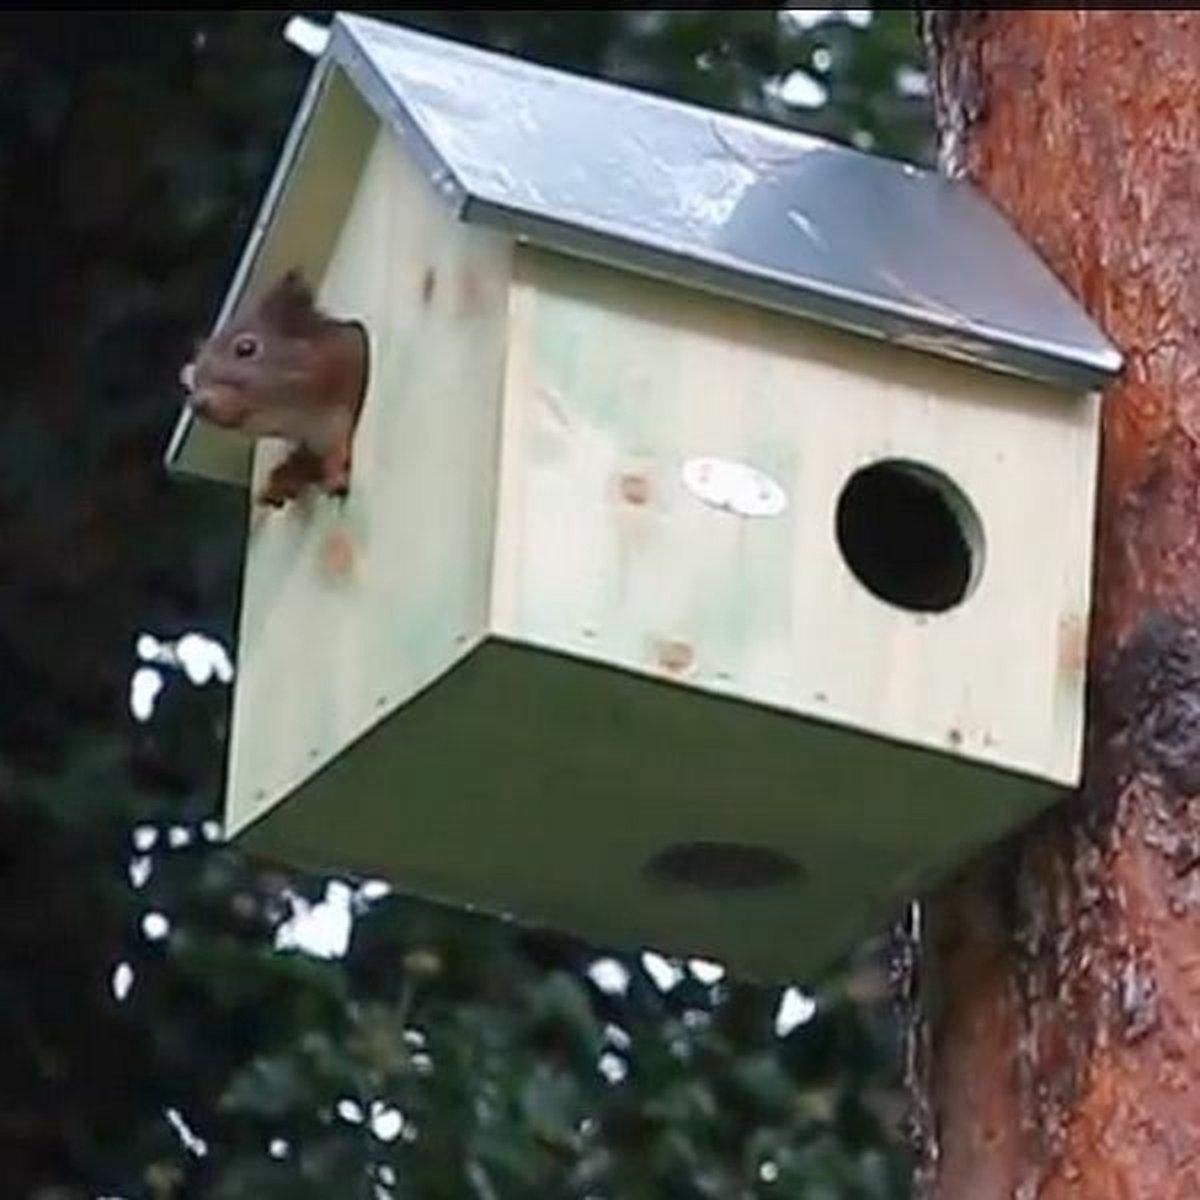 Woonhuisje voor Eekhoorns - Eekhoornhuisje - 2 stuks